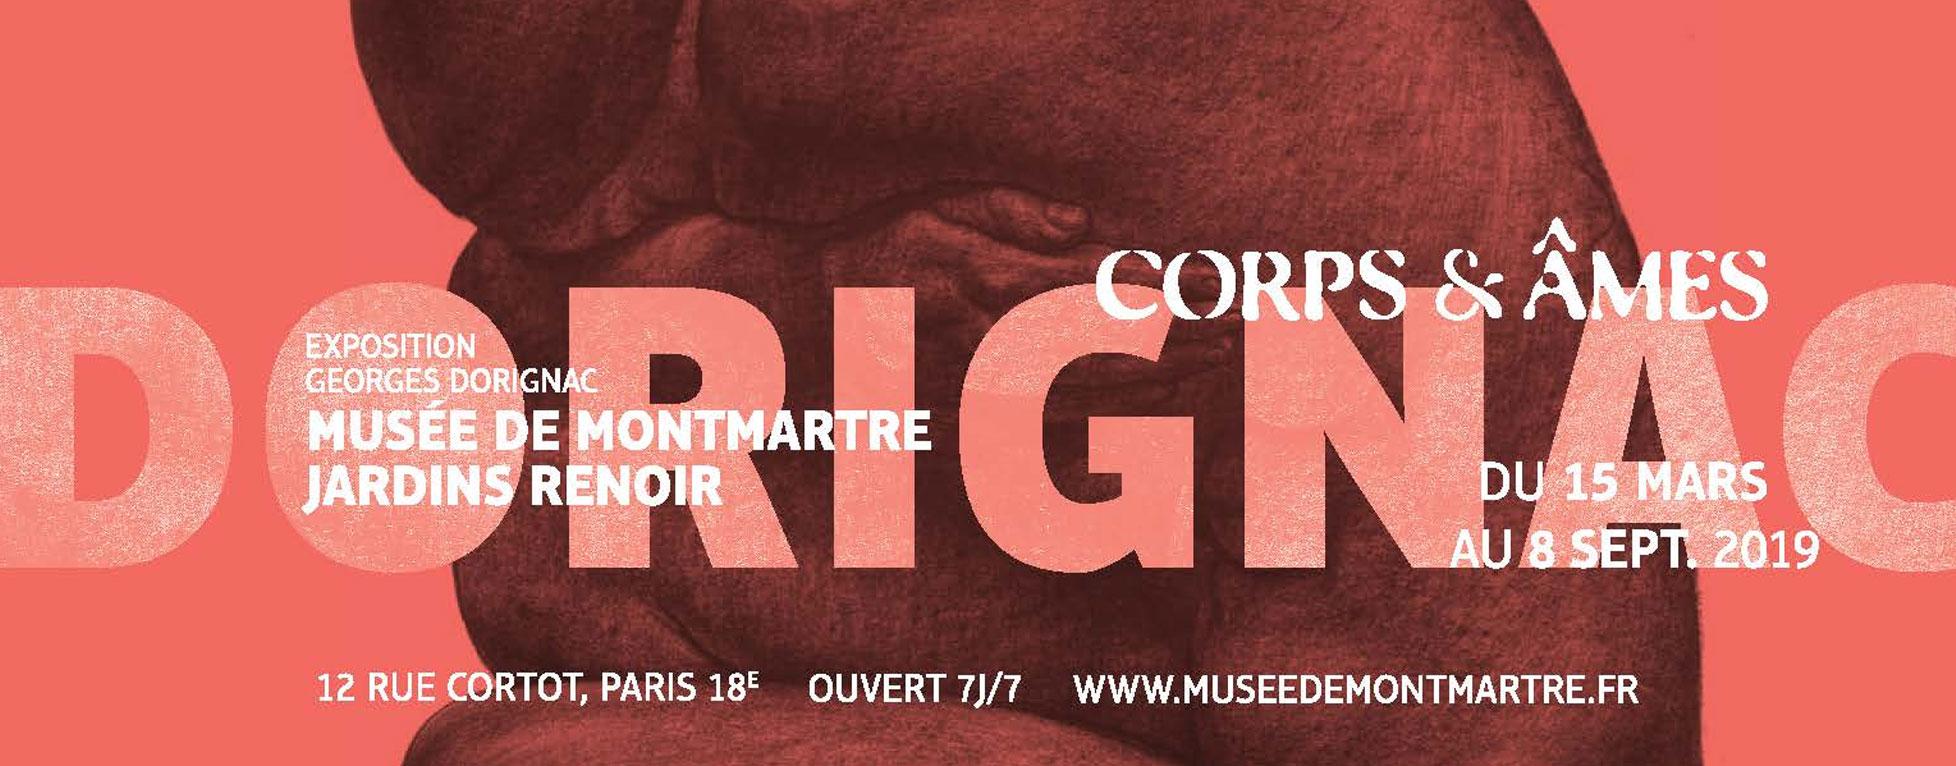 5 bonnes raisons d'aller rendre visite à Georges Dorignac au Musée de Montmartre